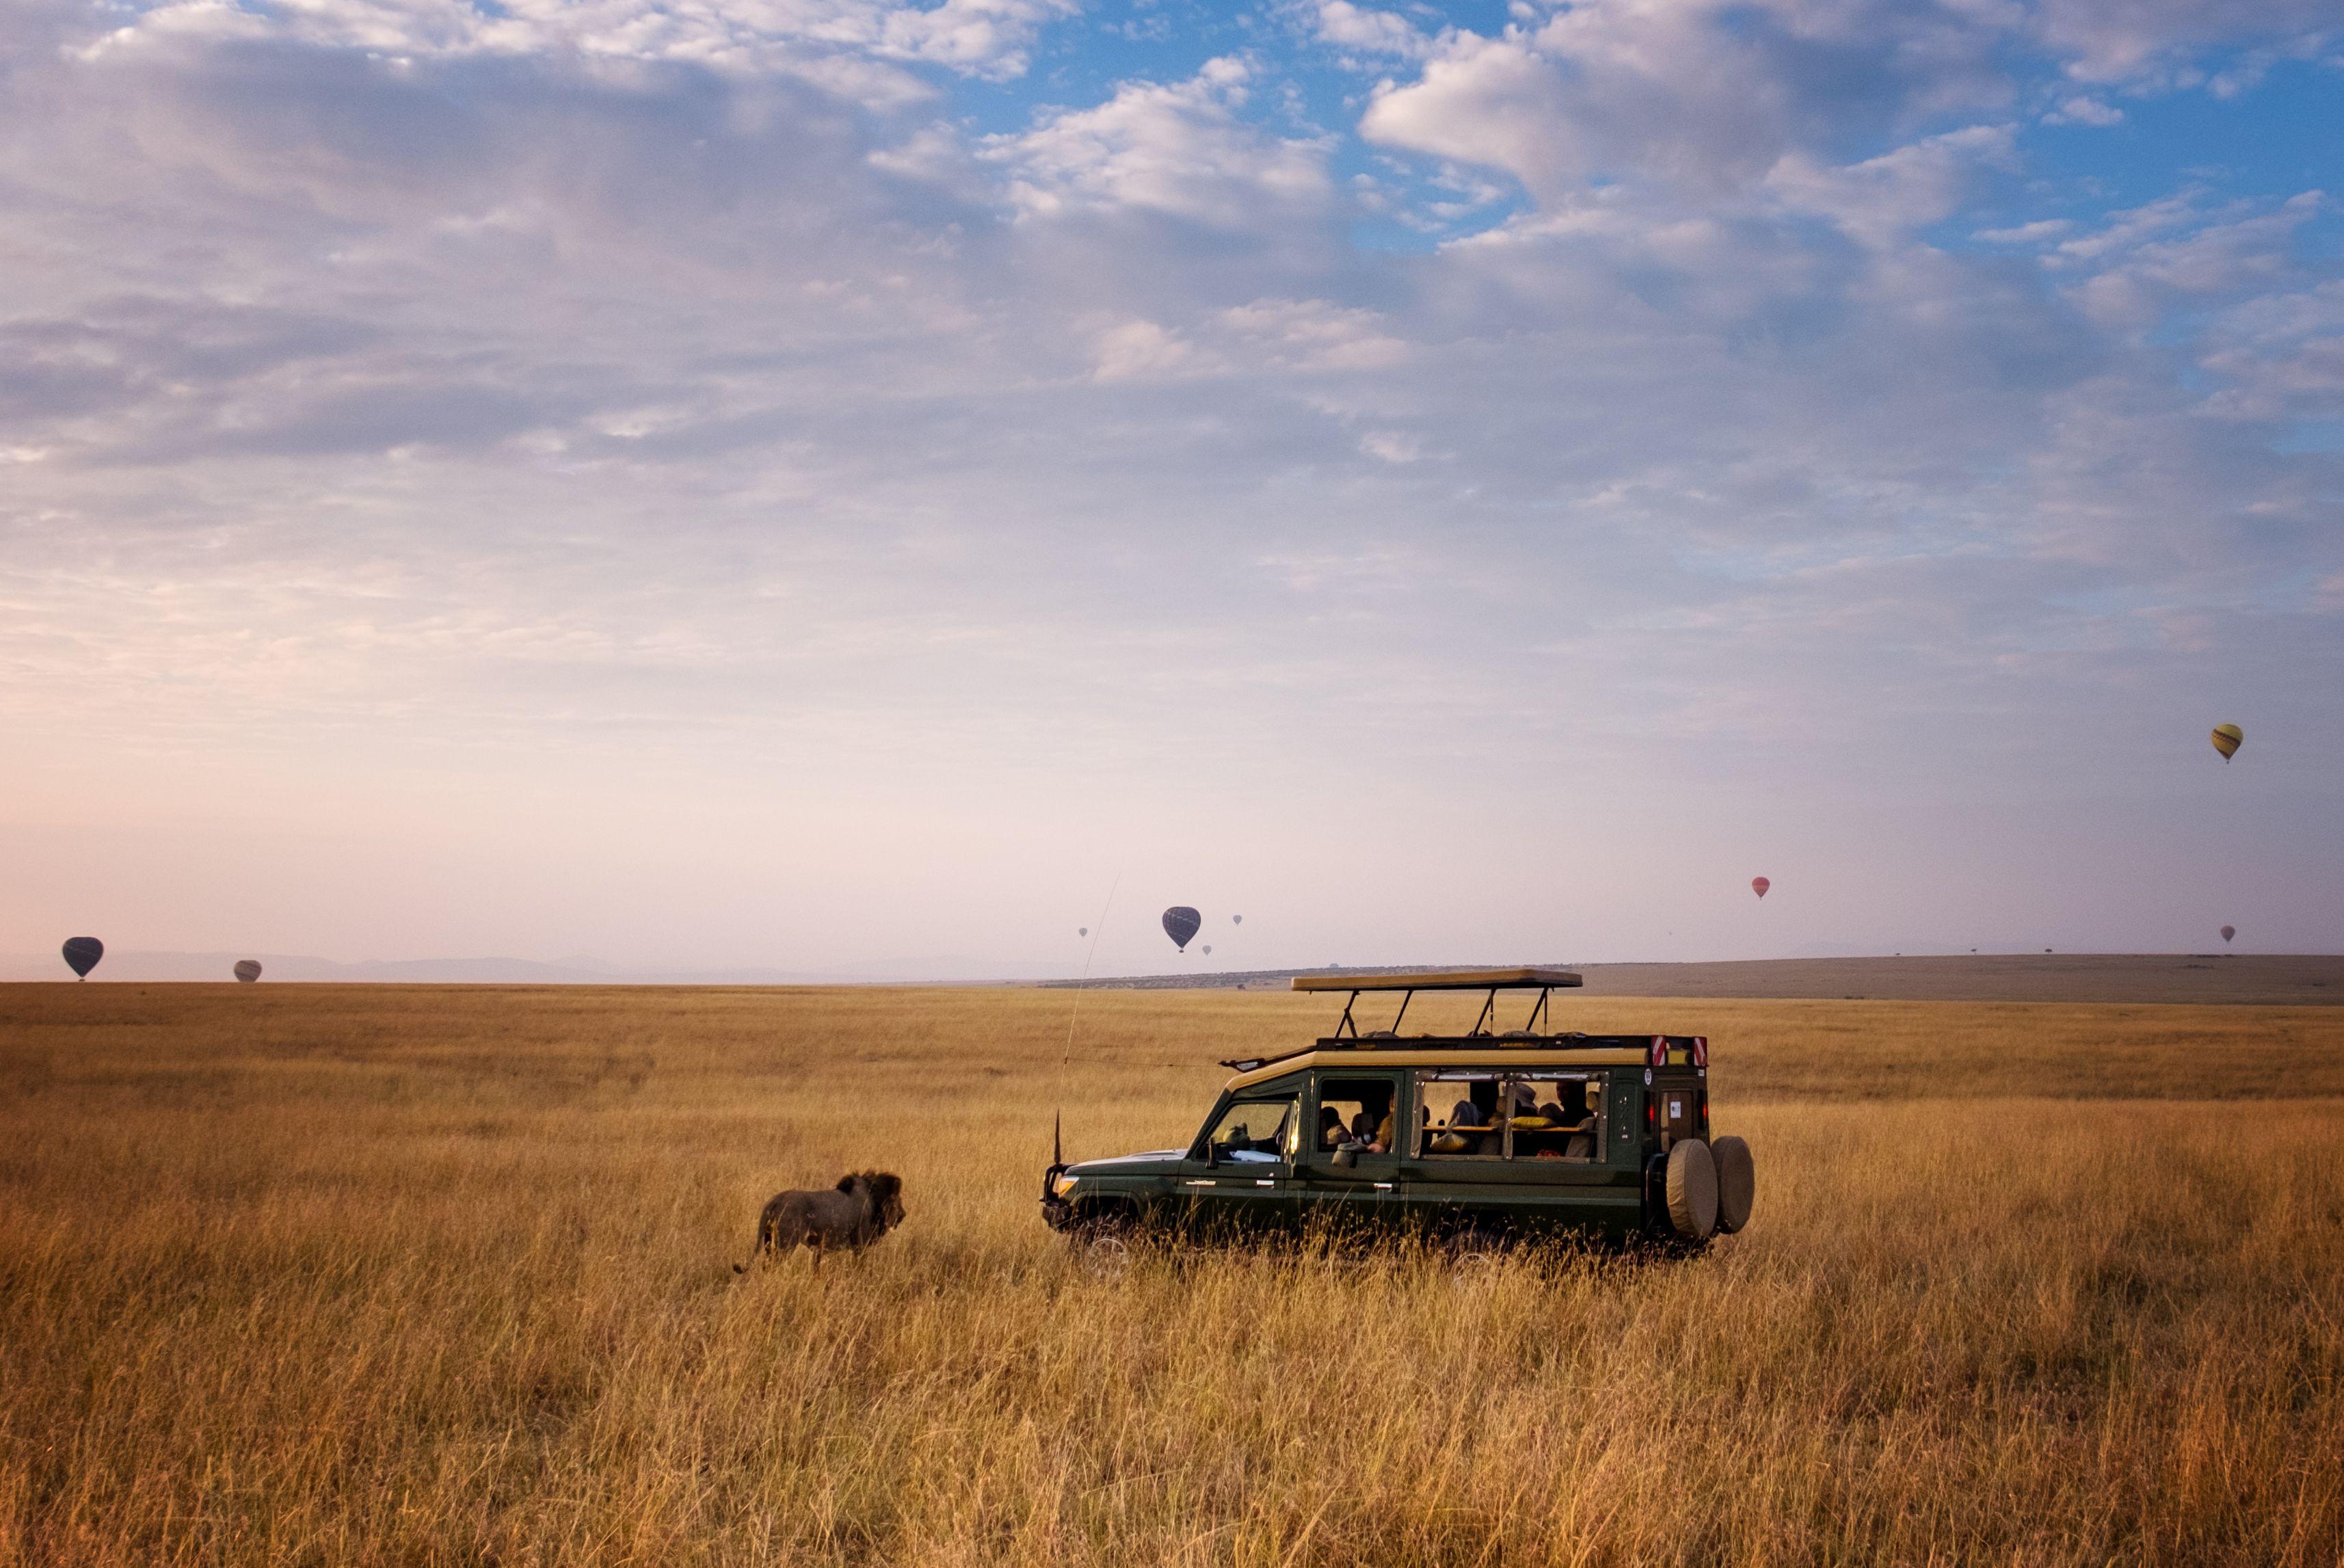 Kenya's Top 10 Attractions